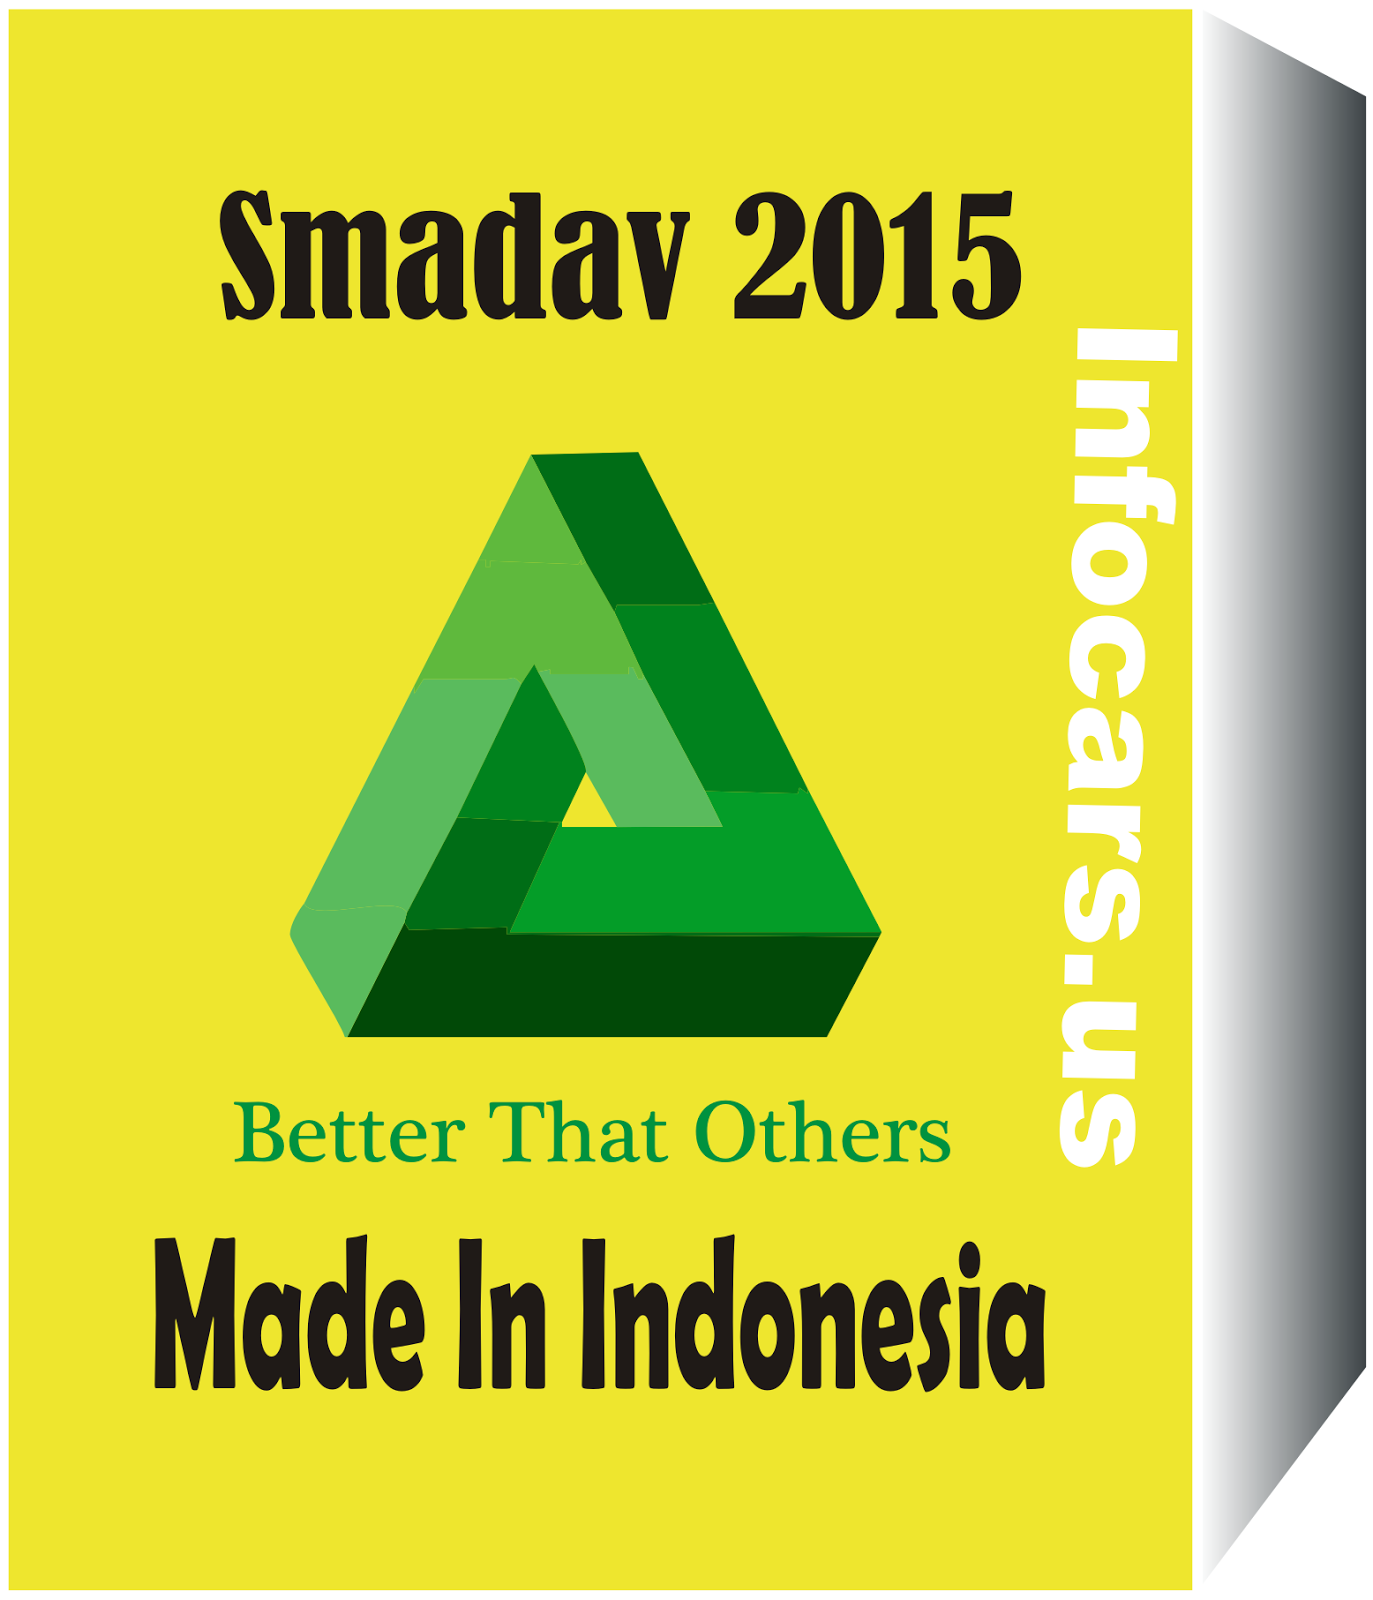 Smadav 2015